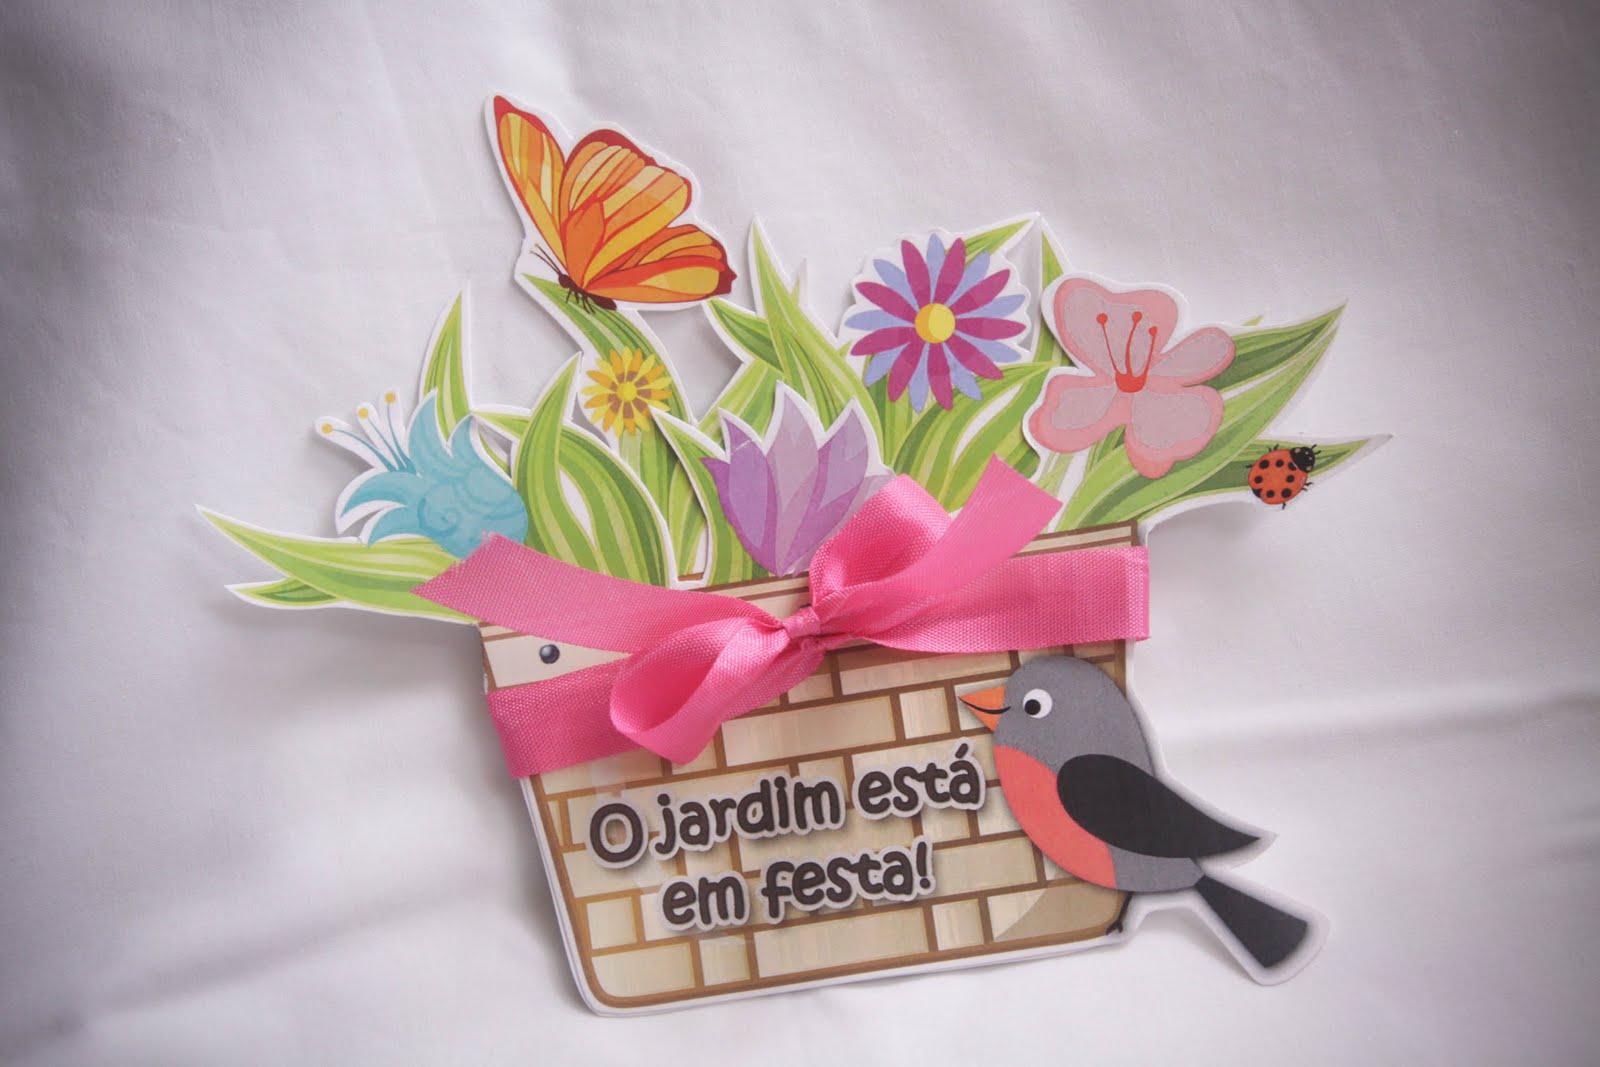 festa jardim convite : festa jardim convite:FESTA JARDIM DA ANA LAURA